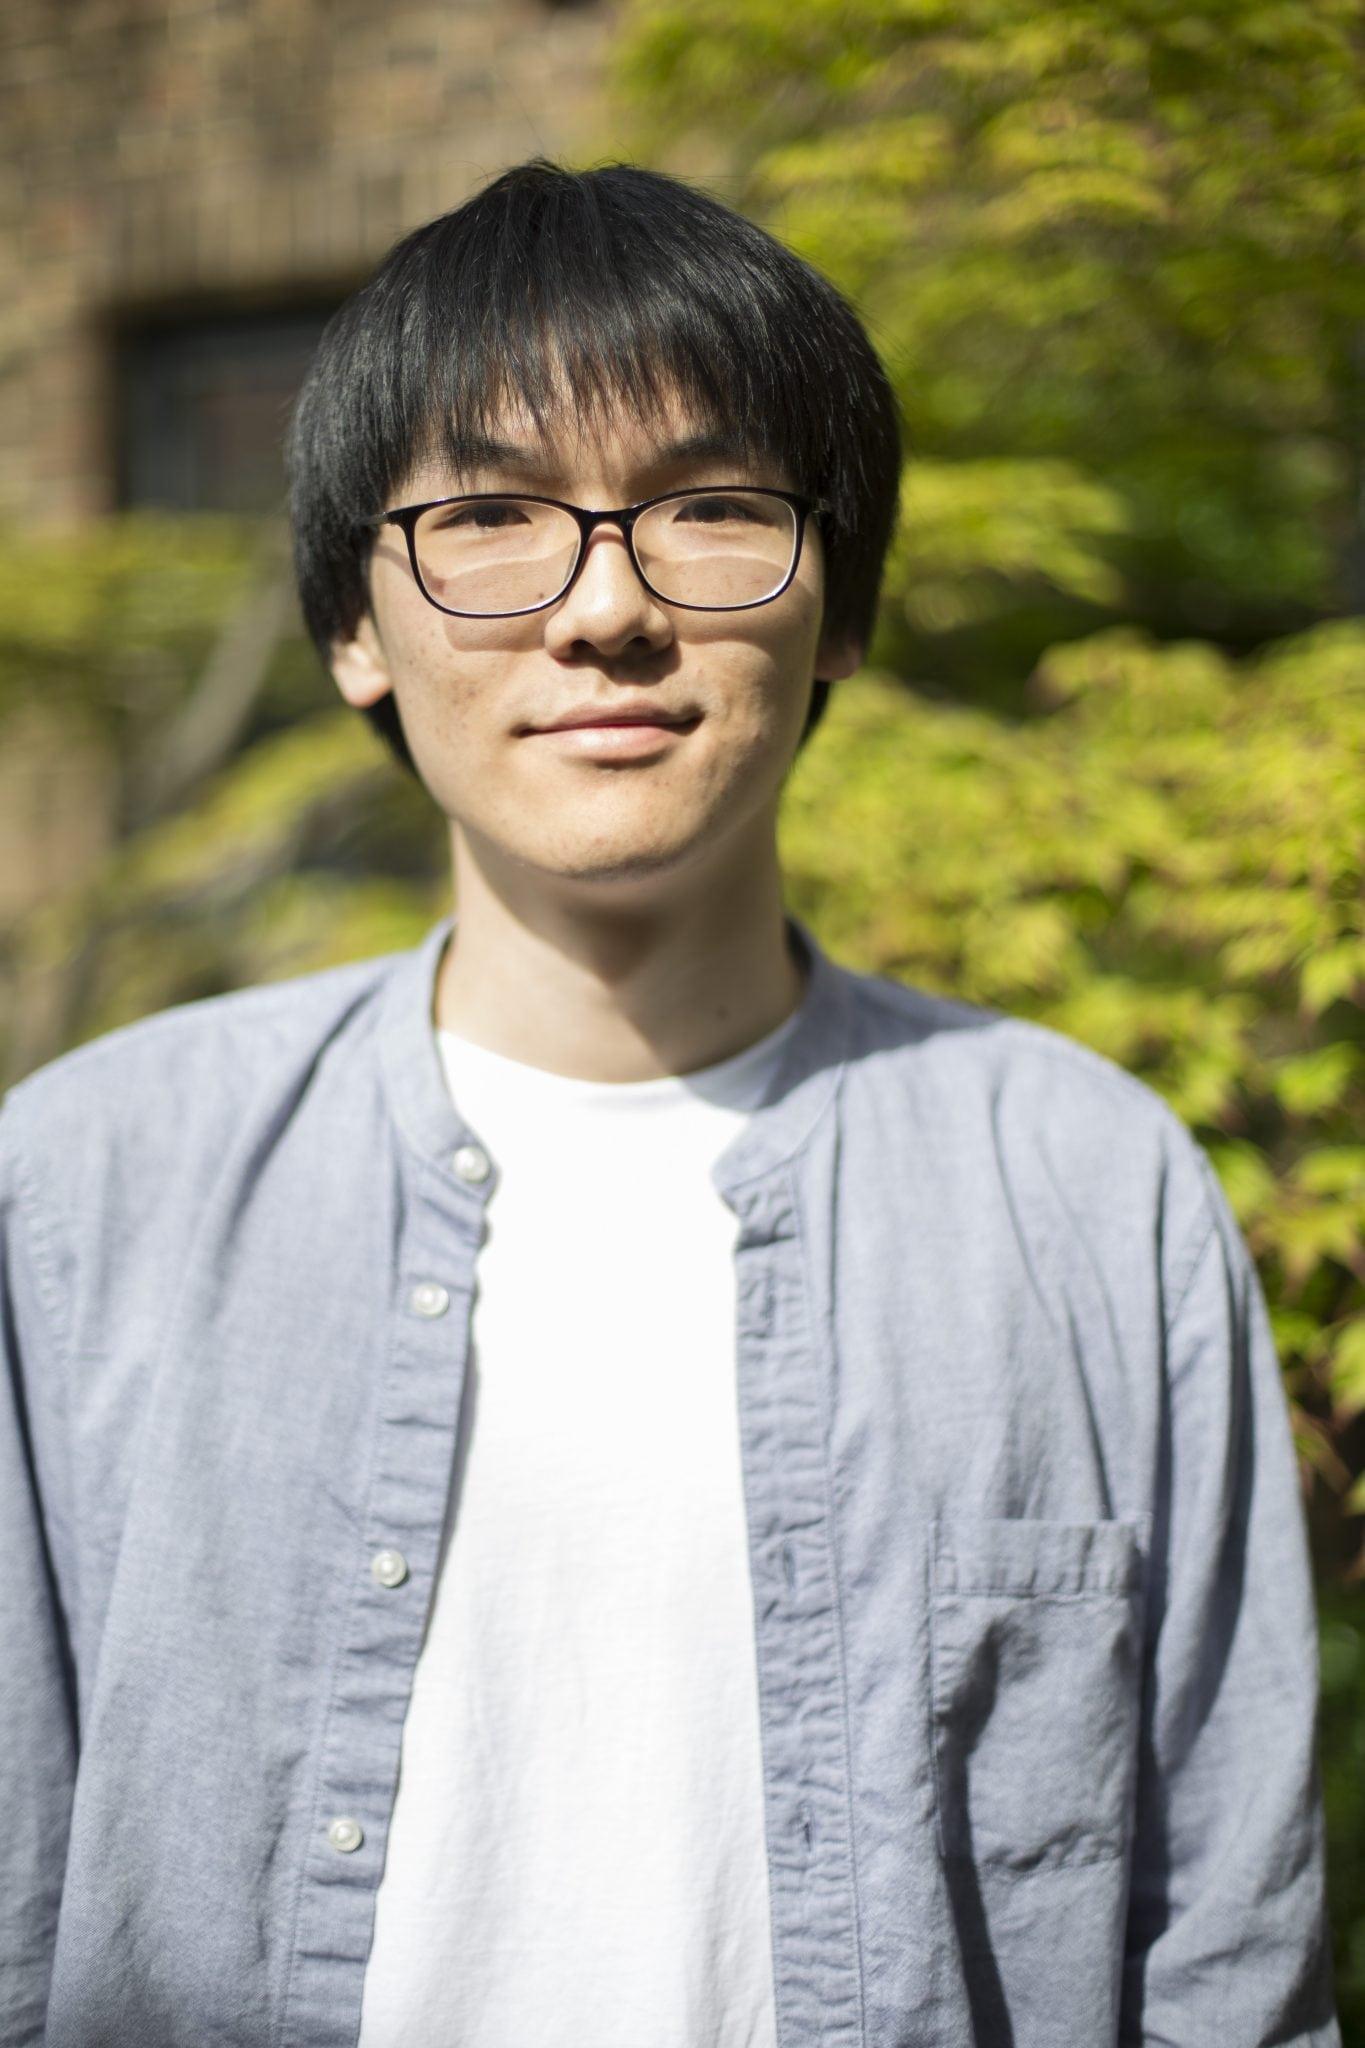 Ruochen Wang